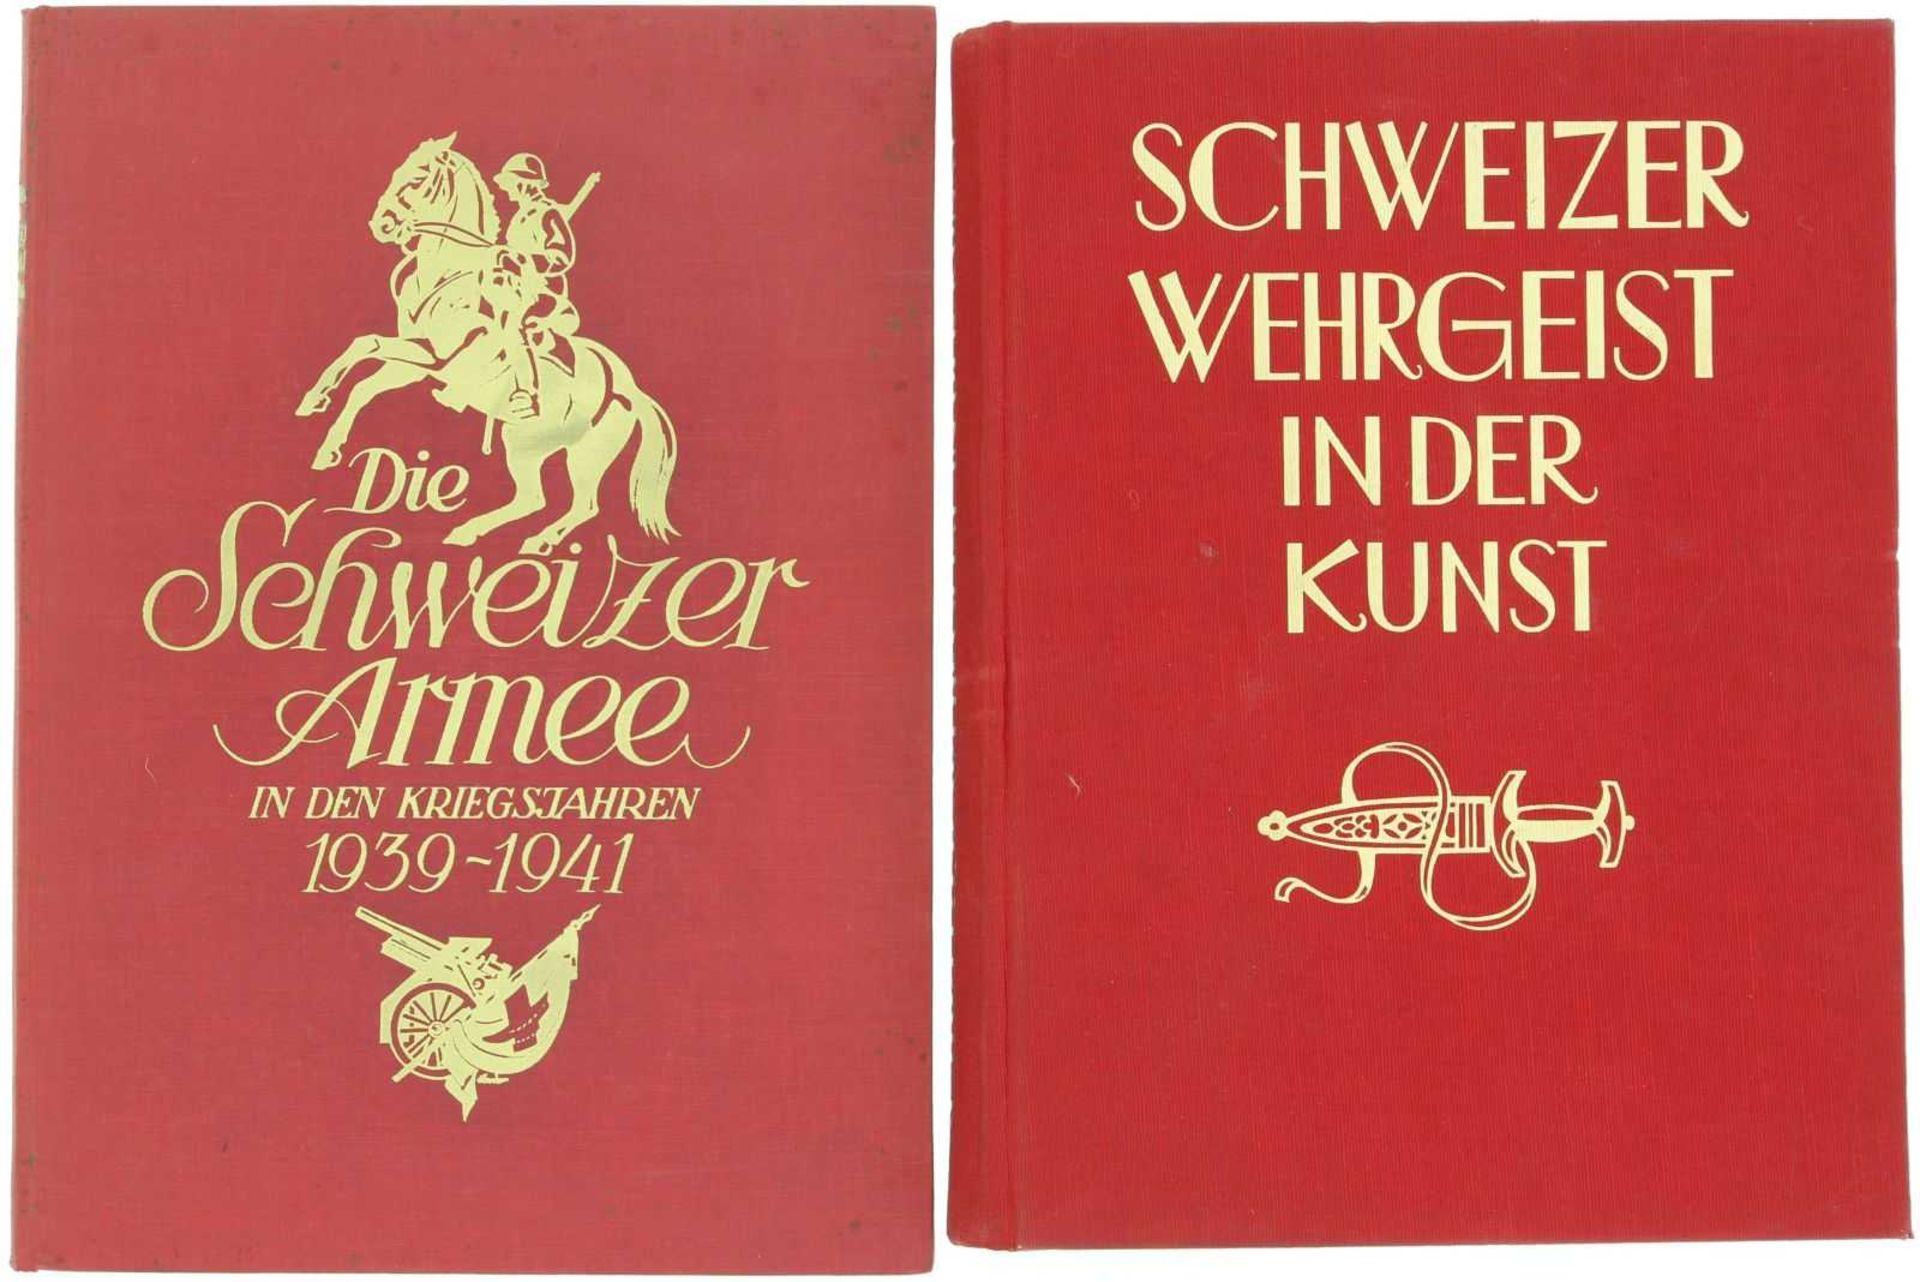 Konvolut von 2 Kunstbücher 1. Schweizer Wehrgeist in der Kunst, mit vielen Reproduktionen